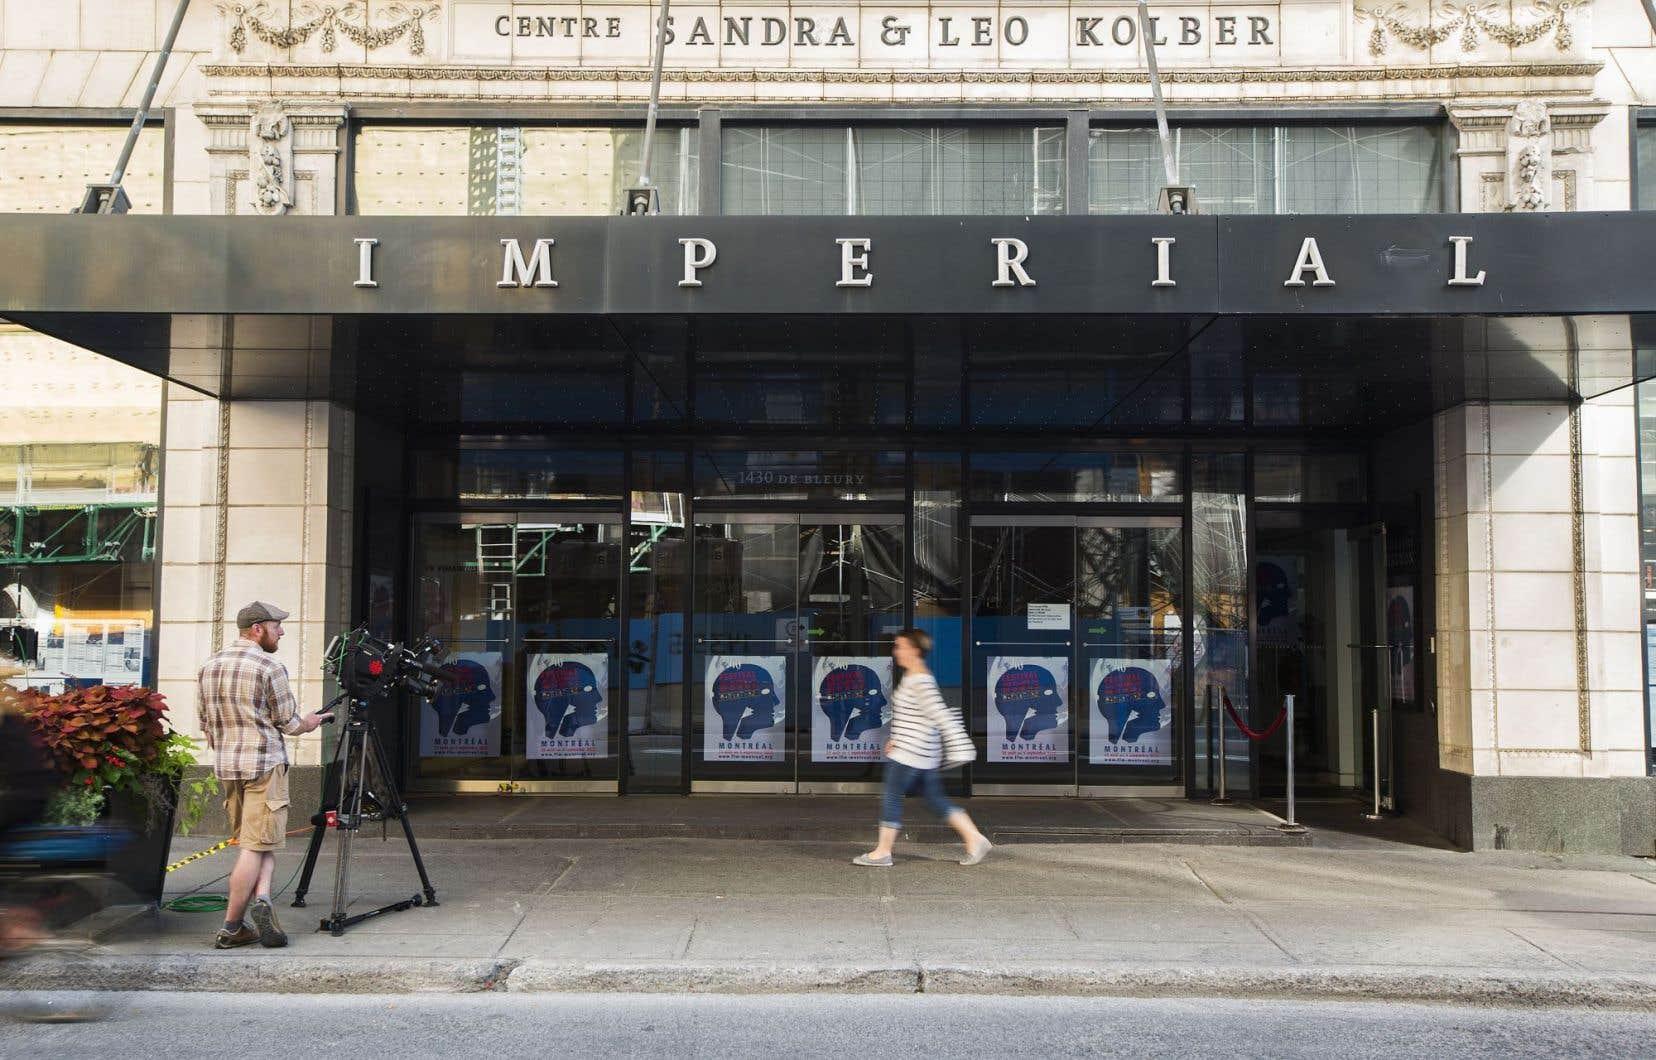 Déjà famélique, l'édition 2016, la 40e, avait été perçue comme de trop. Pourtant, le FFM s'est pointé à nouveau en 2017, sauvé in extremis notamment par le rachat par Québecor d'une dette qui a permis au clan Losique de garder le cinéma Impérial.